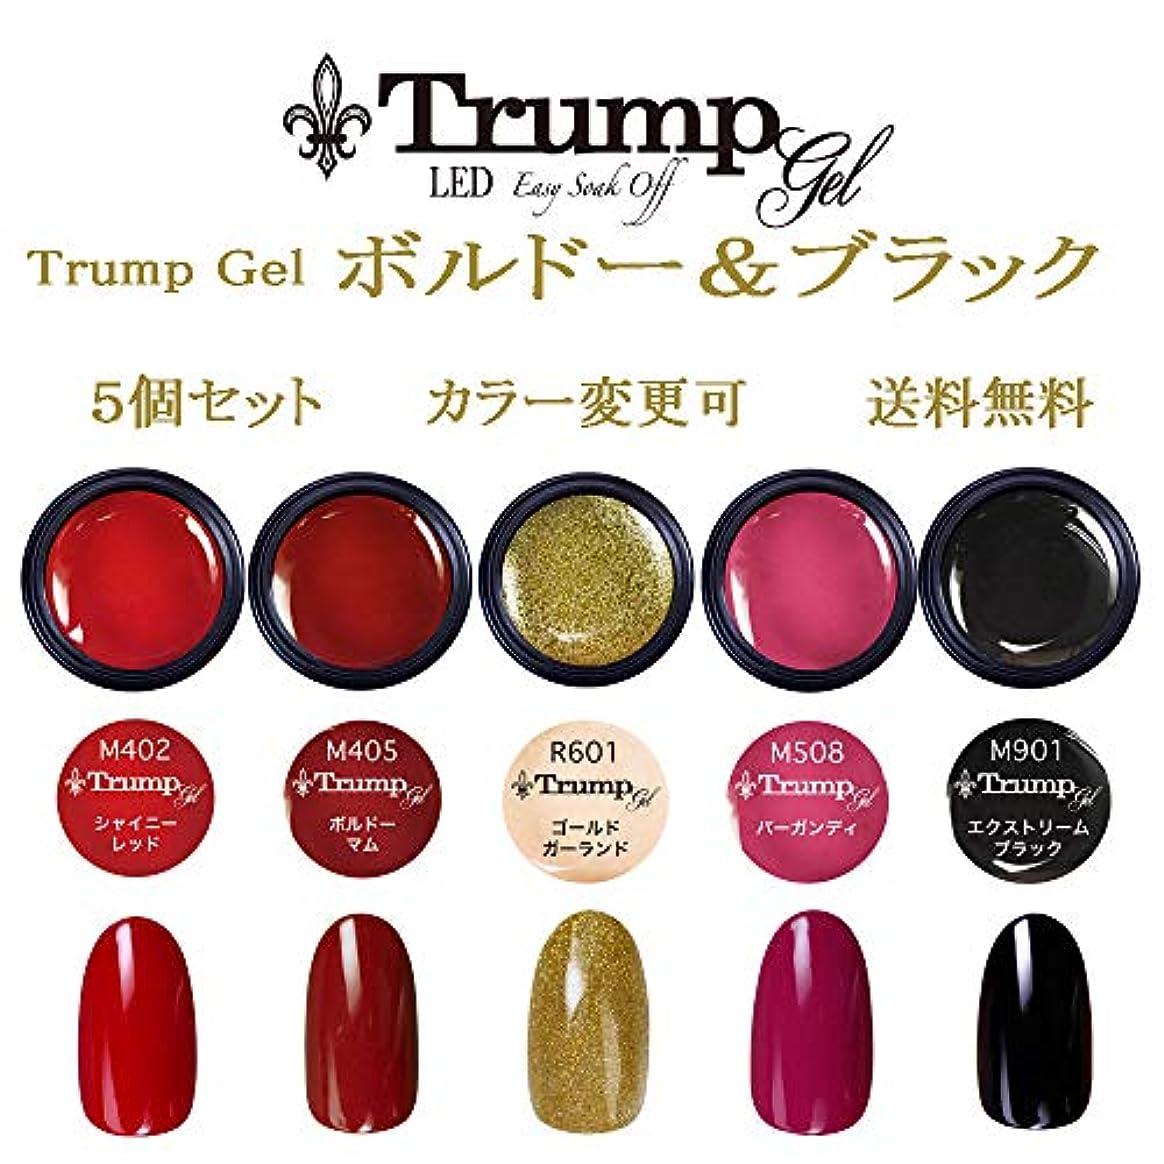 壊滅的な意欲納屋日本製 Trump gel トランプジェル ボルドー & ブラック ネイル 選べる カラージェル 5個セット ワイン ボルドー ゴールド パープル ブラック